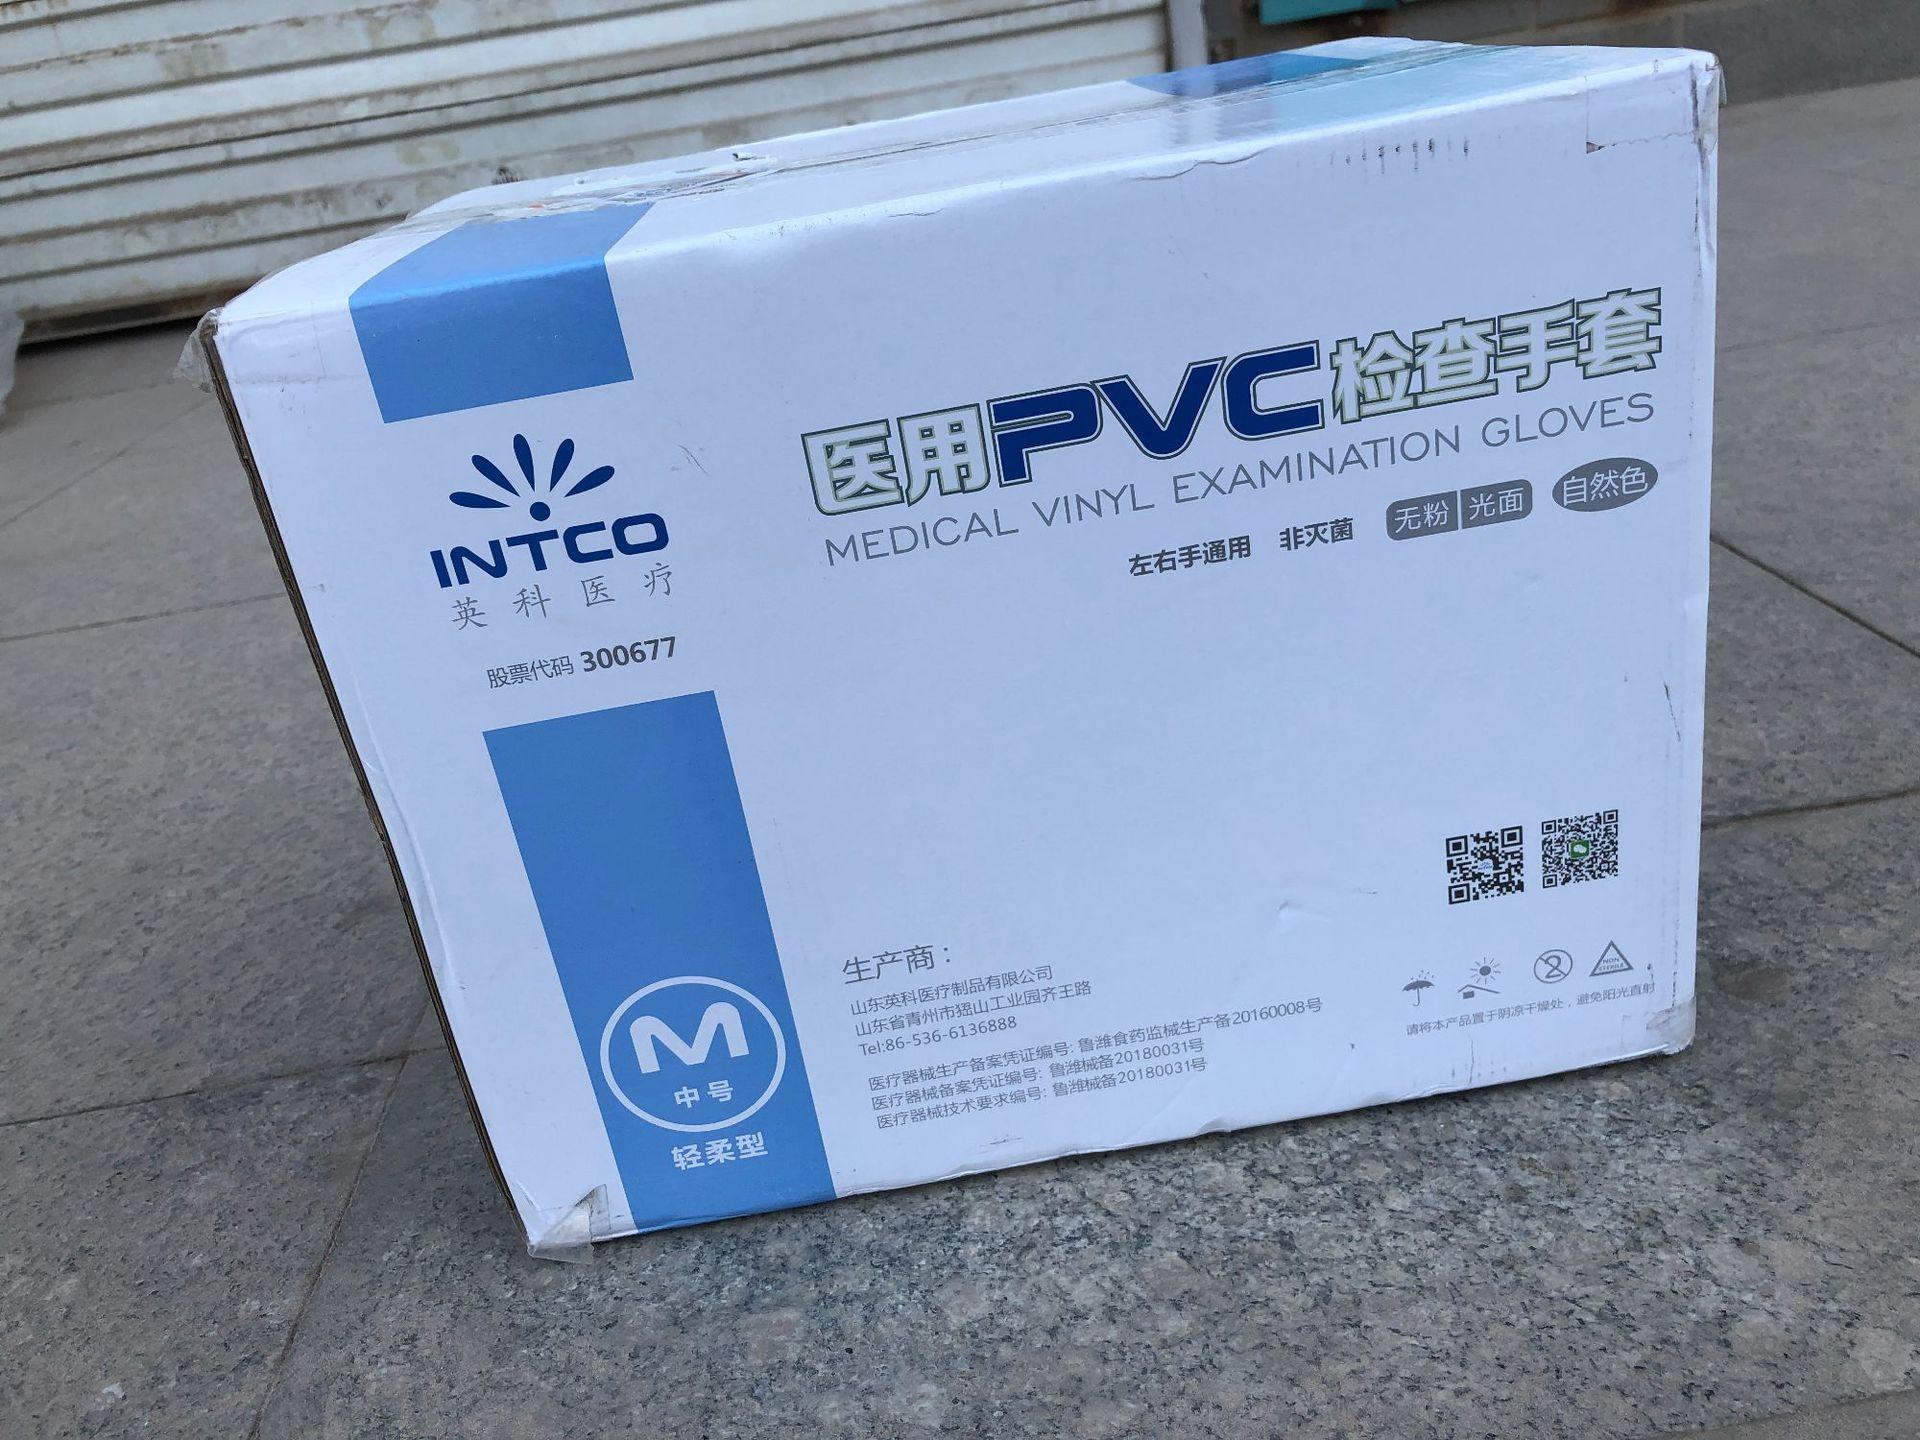 Găng tay kiểm tra PVC dùng một lần y tế Yingke